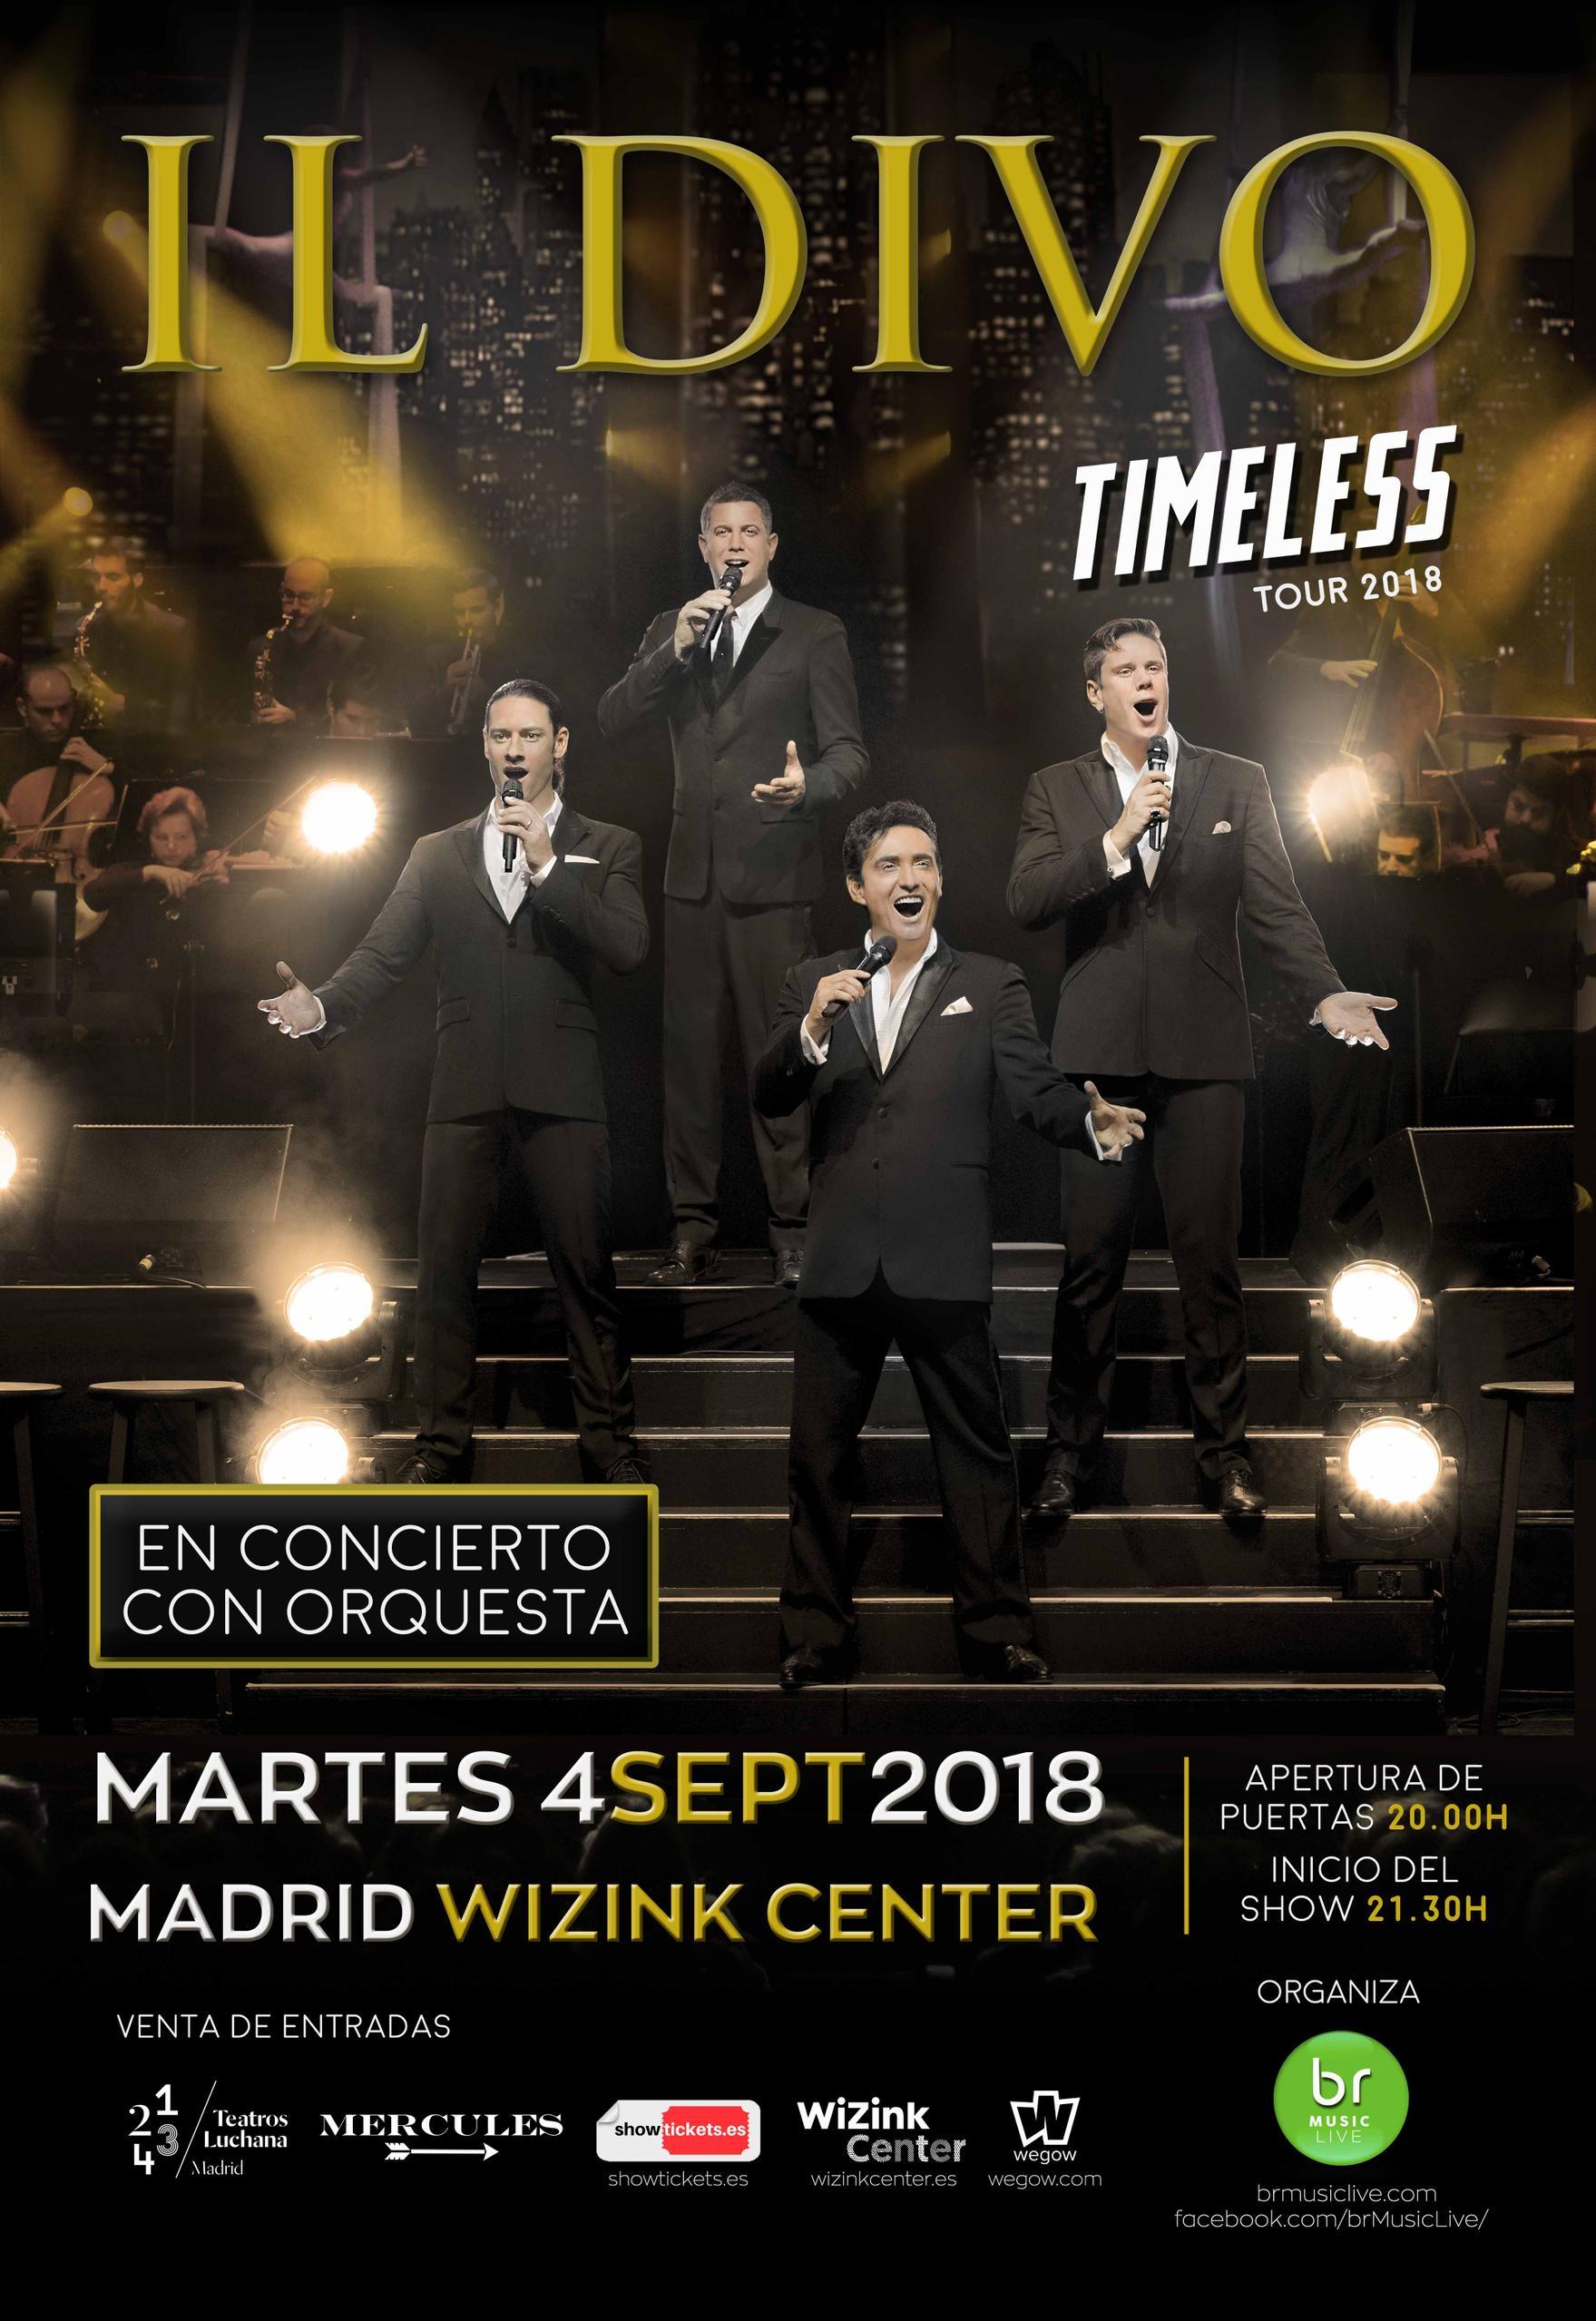 Concierto de il divo en Madrid, Entradas para Il Divo en Madrid, Entradas para Il Divo, Gira Il Divo Madrid, Tickets Il Divo Madrid